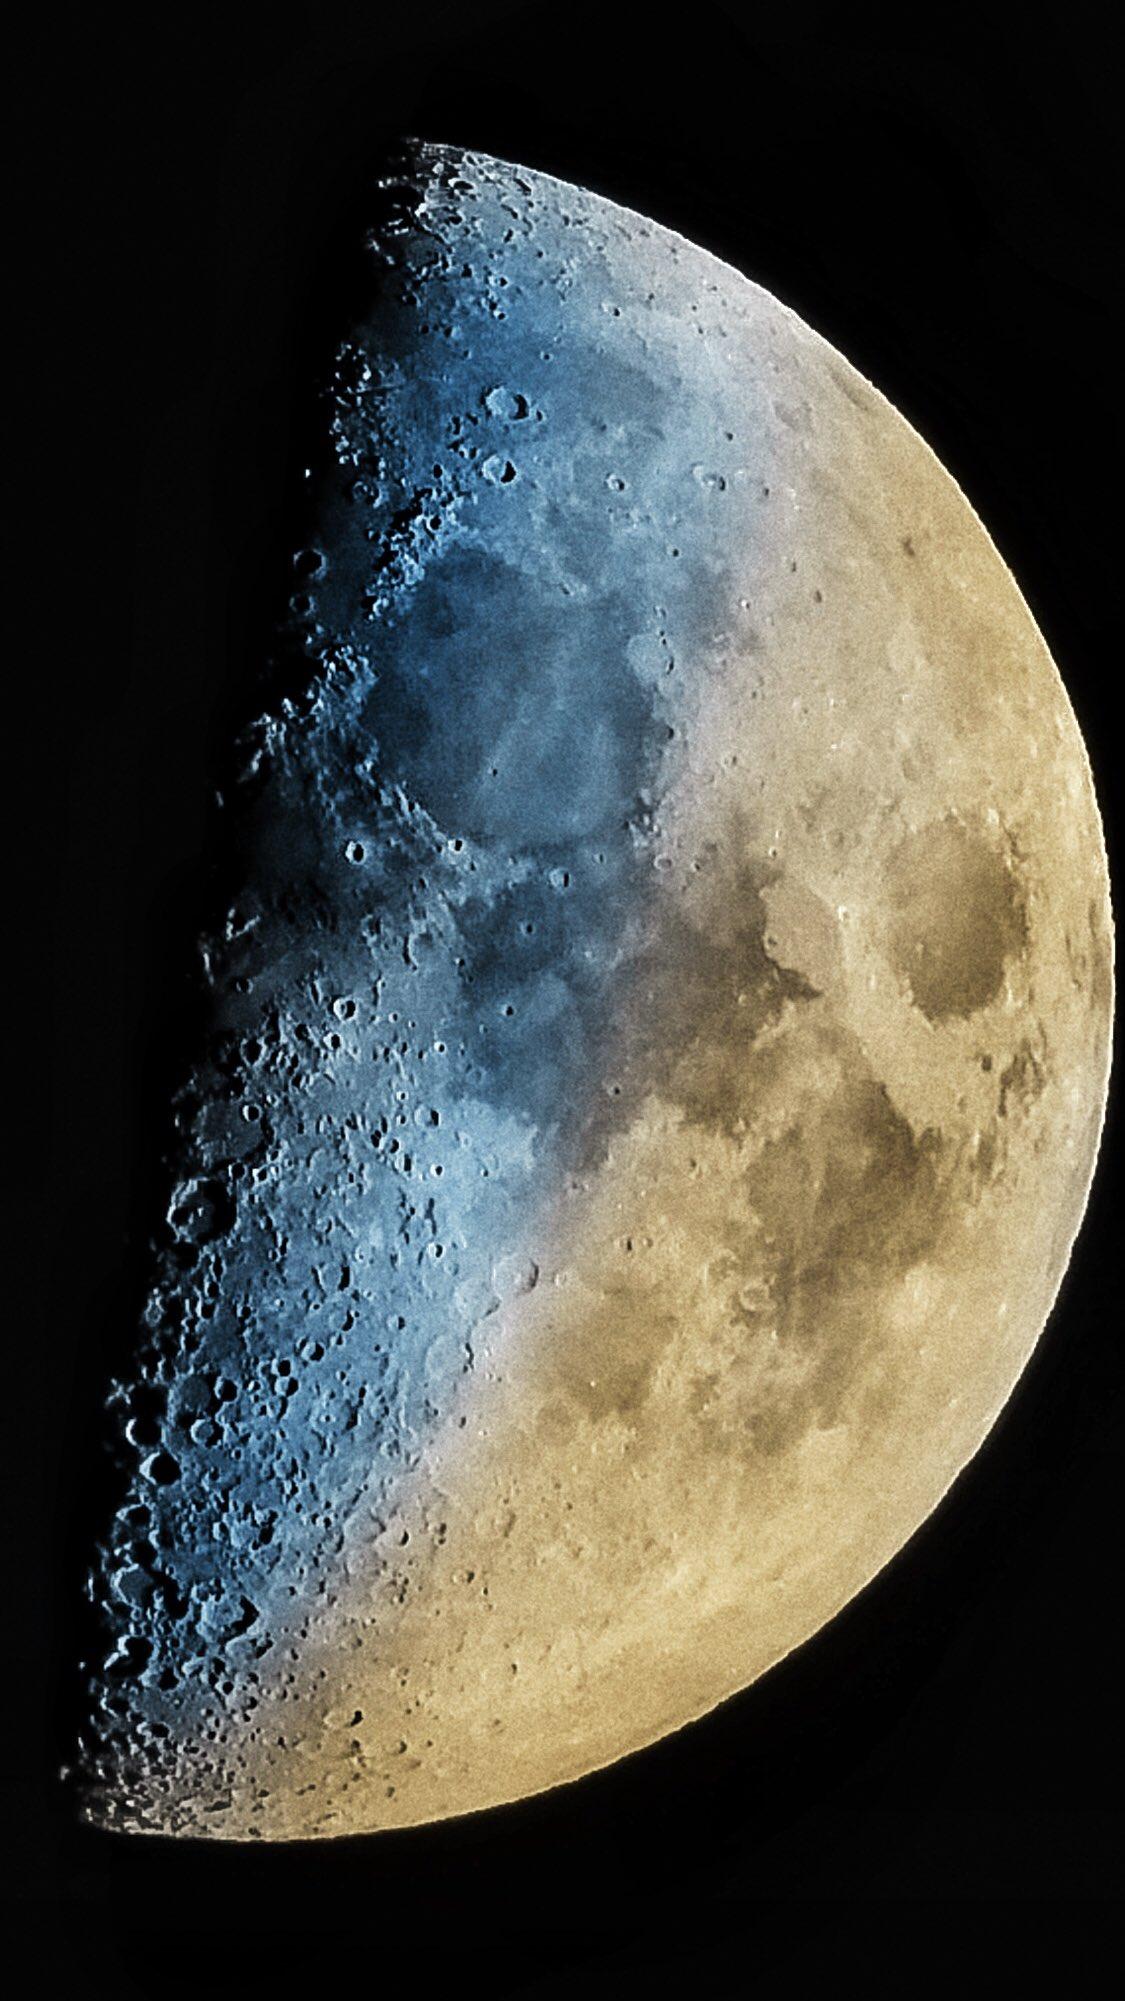 Juego de temperaturas sobre la Luna creciente